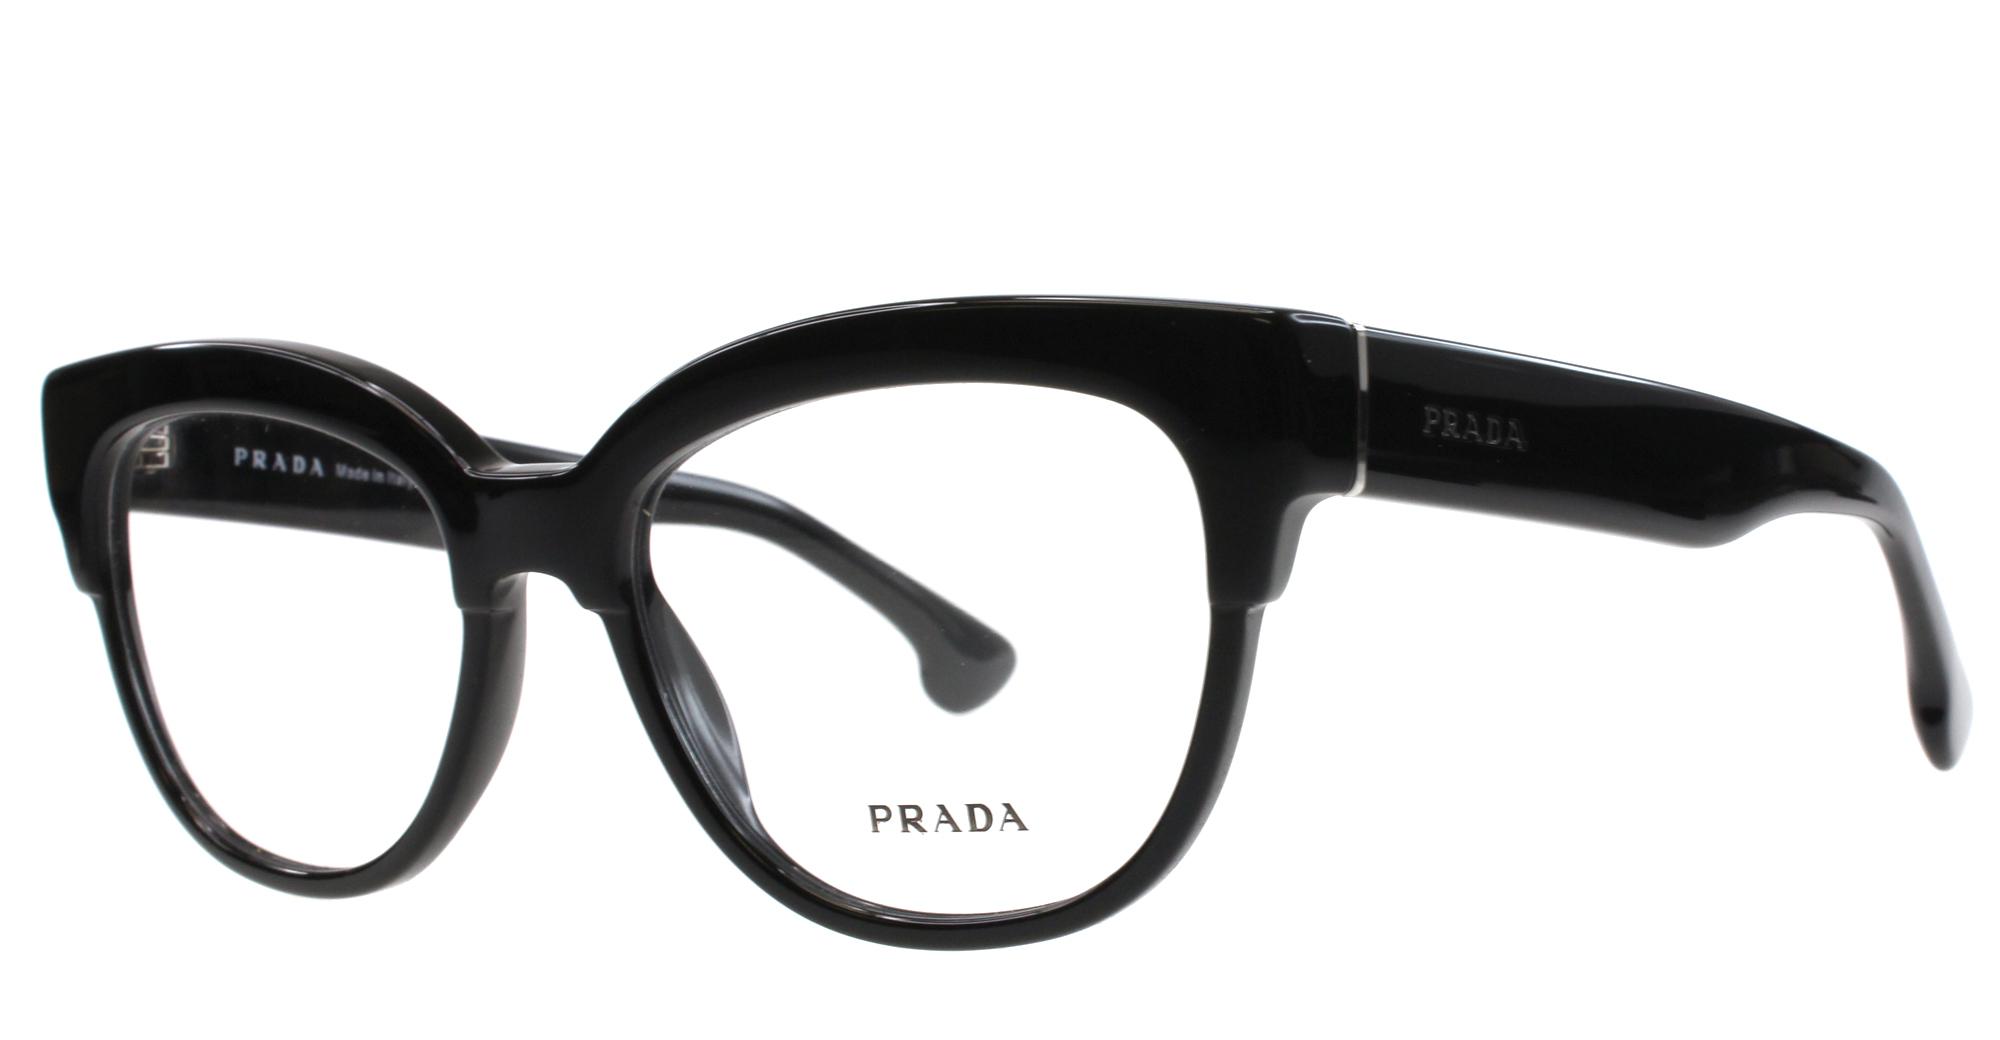 f25f8513e2 Image 1 of 2. Prada VPR 21Q 1AB-1O1 Black Eyeglasses Frames 51mm ...